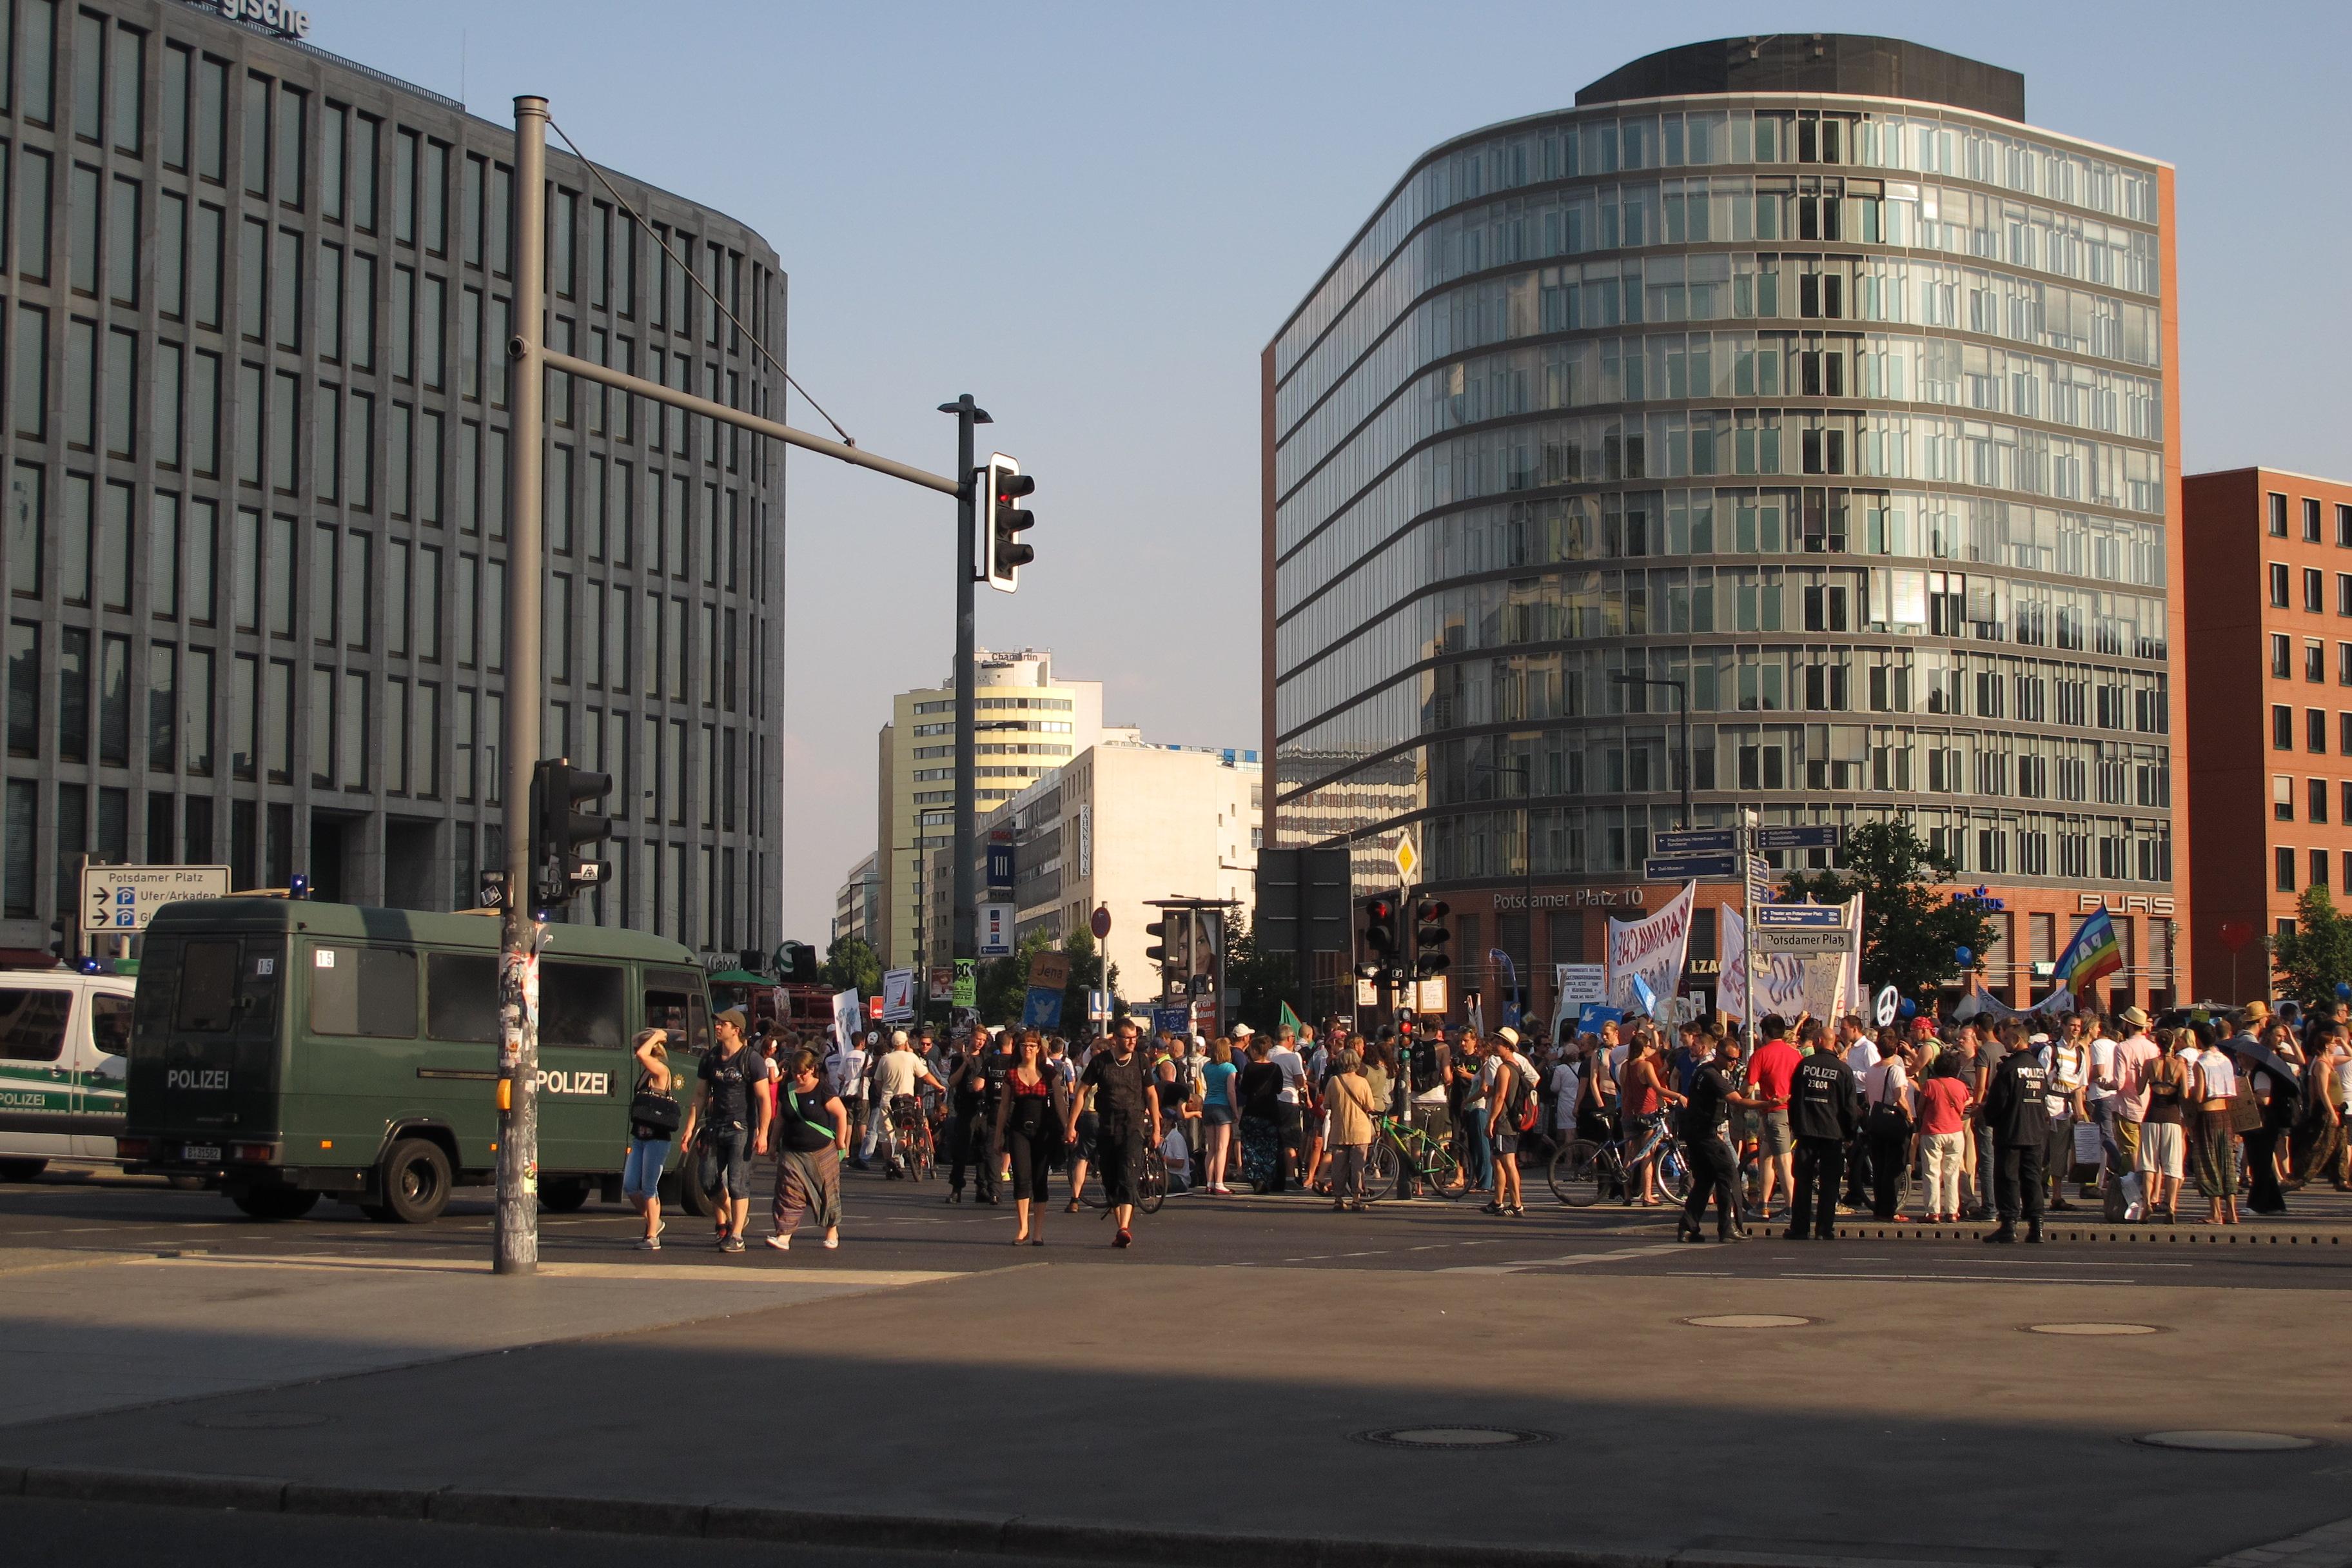 Manifestació contra els bombardejos de Gaza a la Postdamer Platz (5) molta policia per protegir a les rodalies.